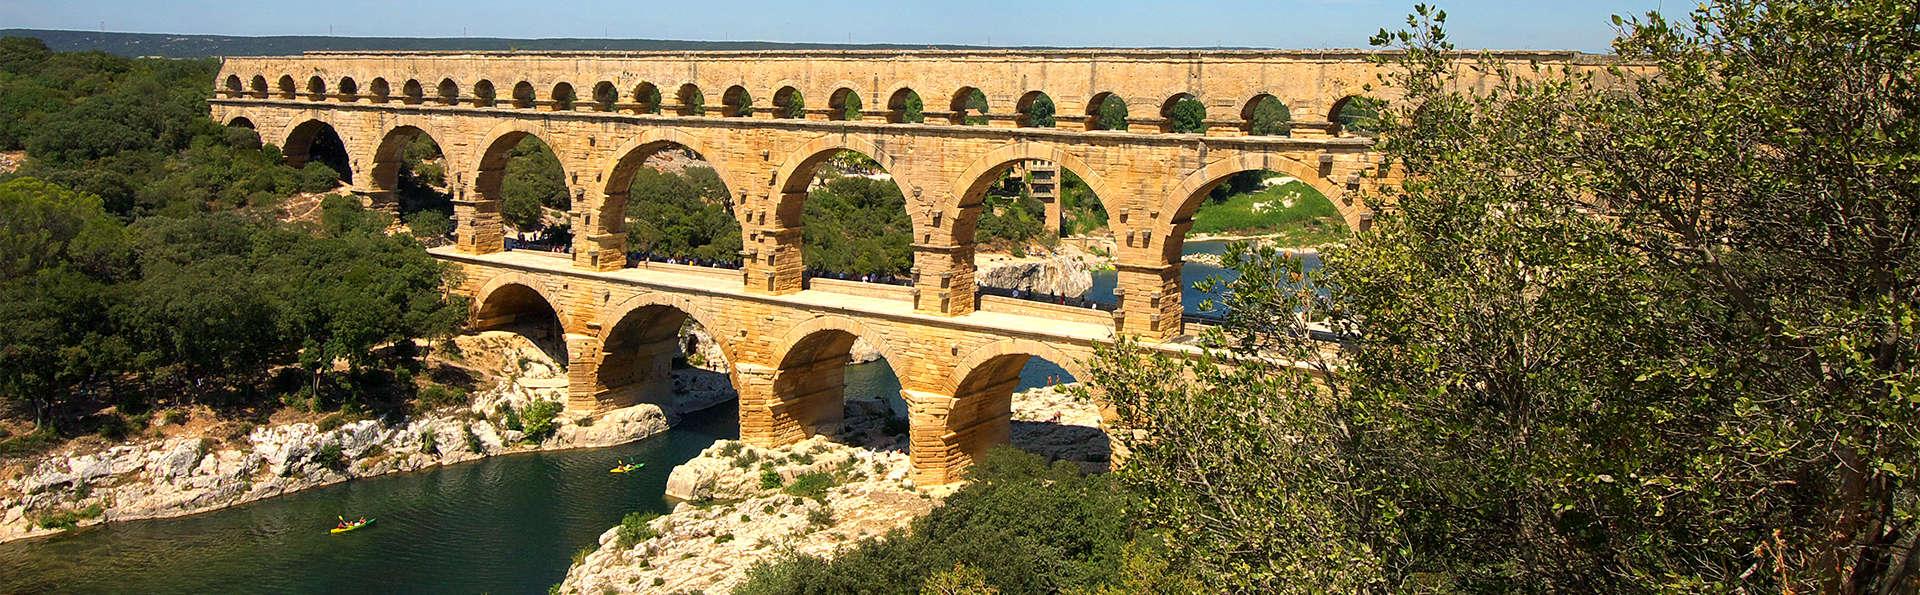 Domaine des Escaunes - EDIT_Destination_Sernhac-Pont-du-Gard.jpg